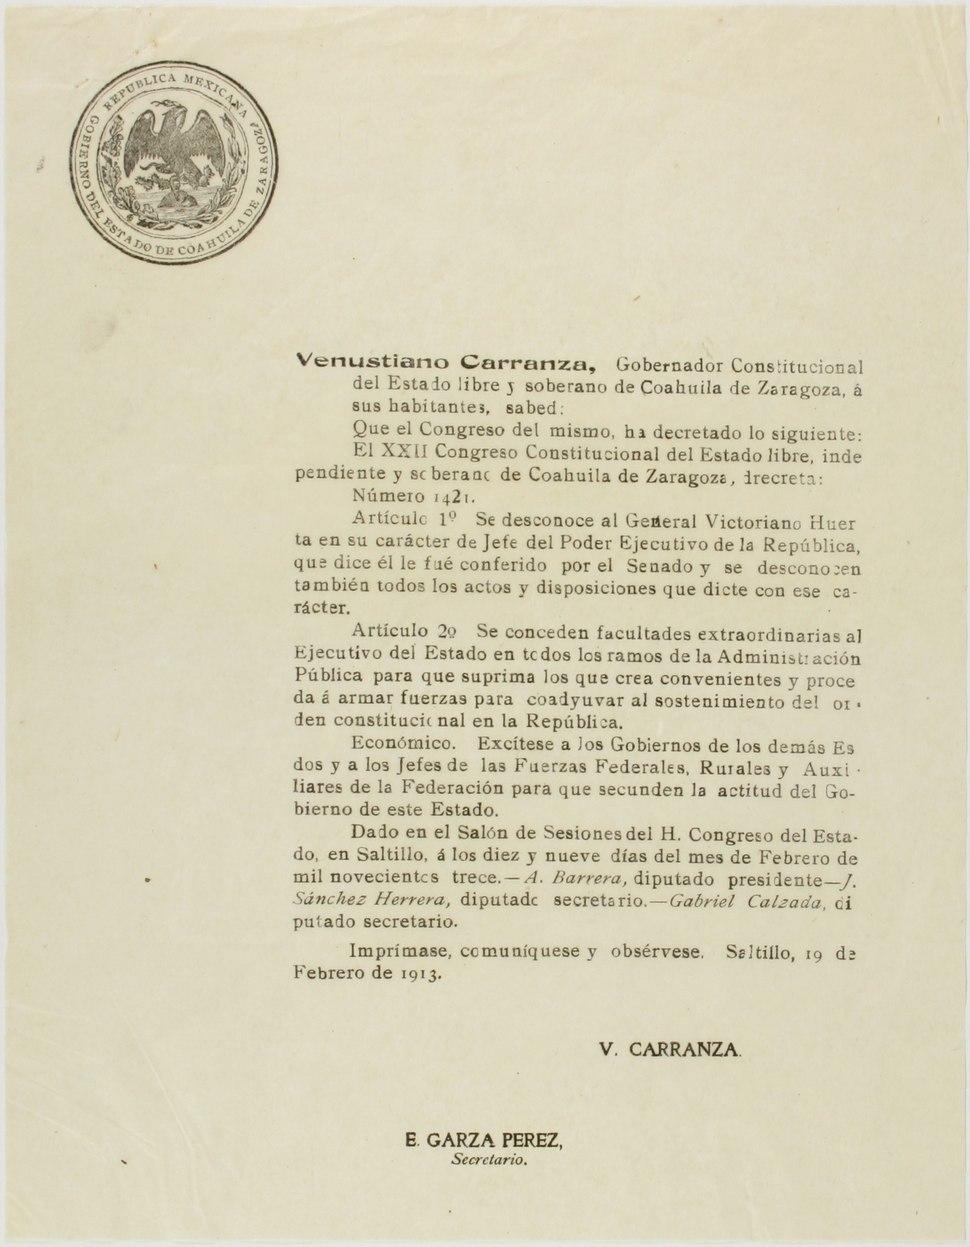 Desconocimiento de Victoriano Huerta como Jefe del Poder Ejecutivo de la República